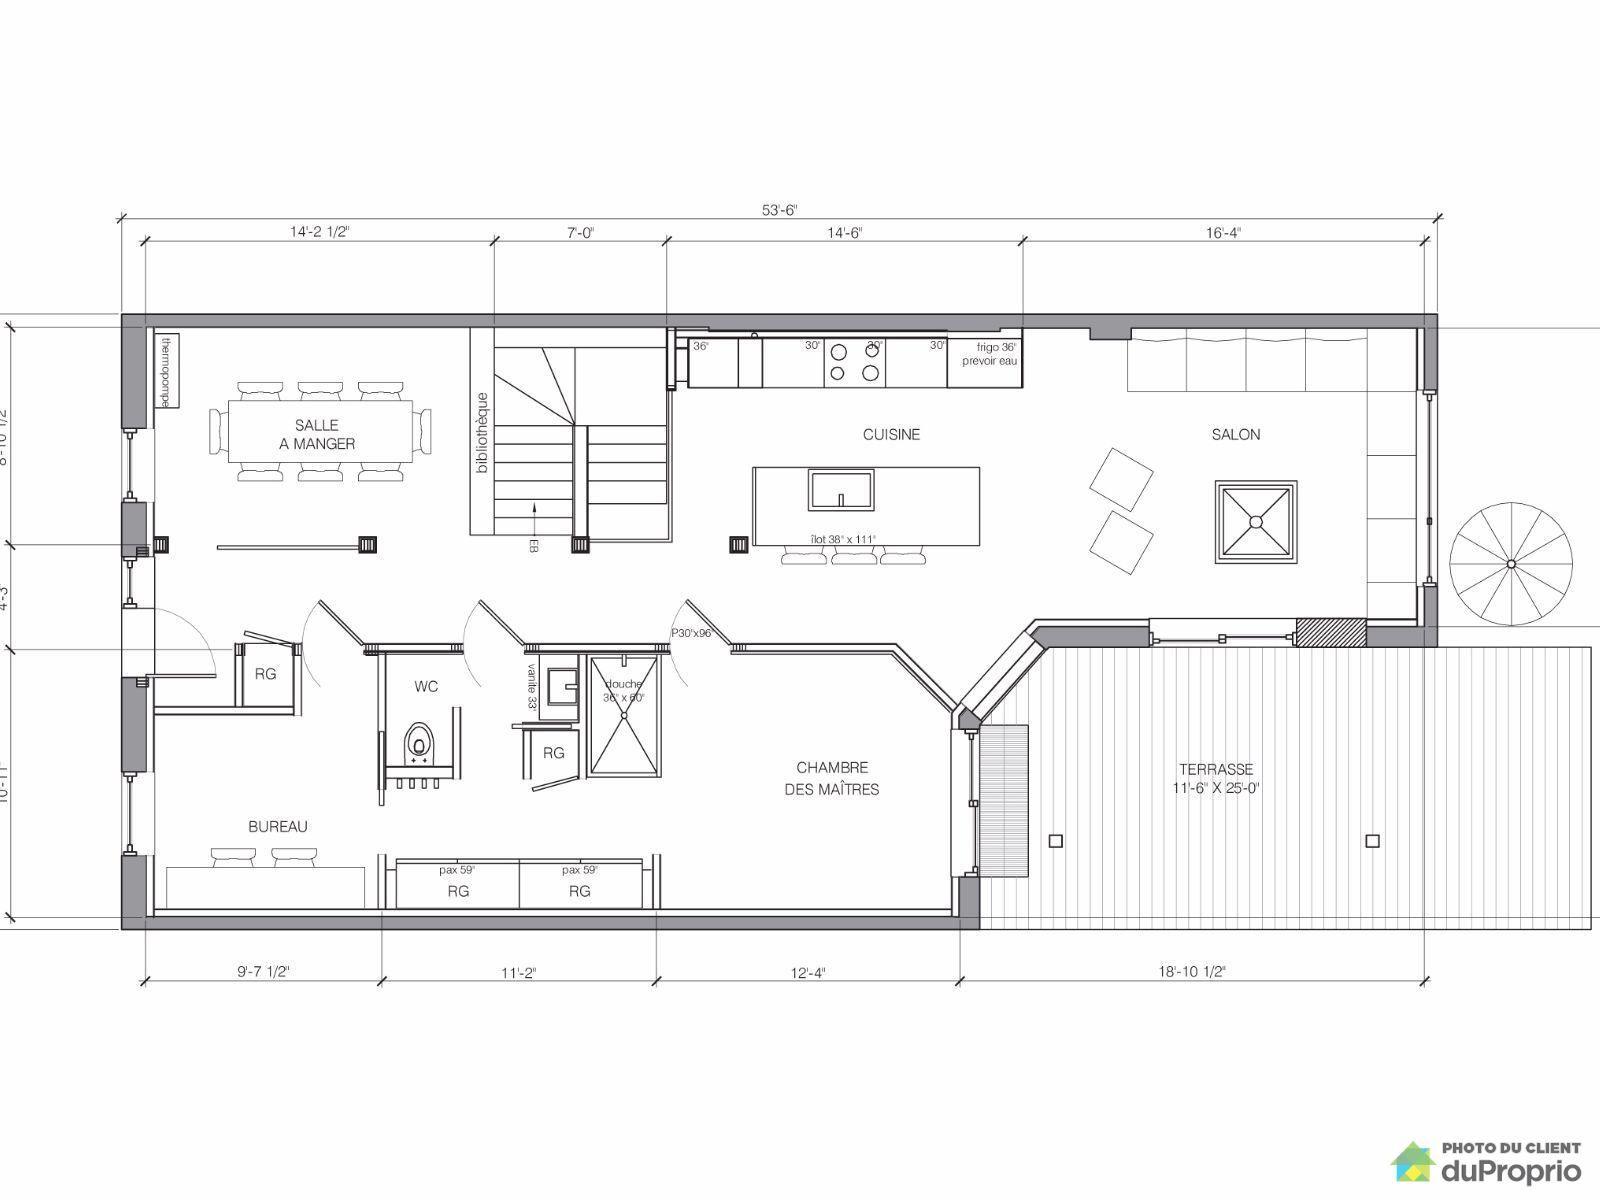 la quintessence de l 39 immobilier se retrouve dans cette superbe co propri t de prestige superbe. Black Bedroom Furniture Sets. Home Design Ideas